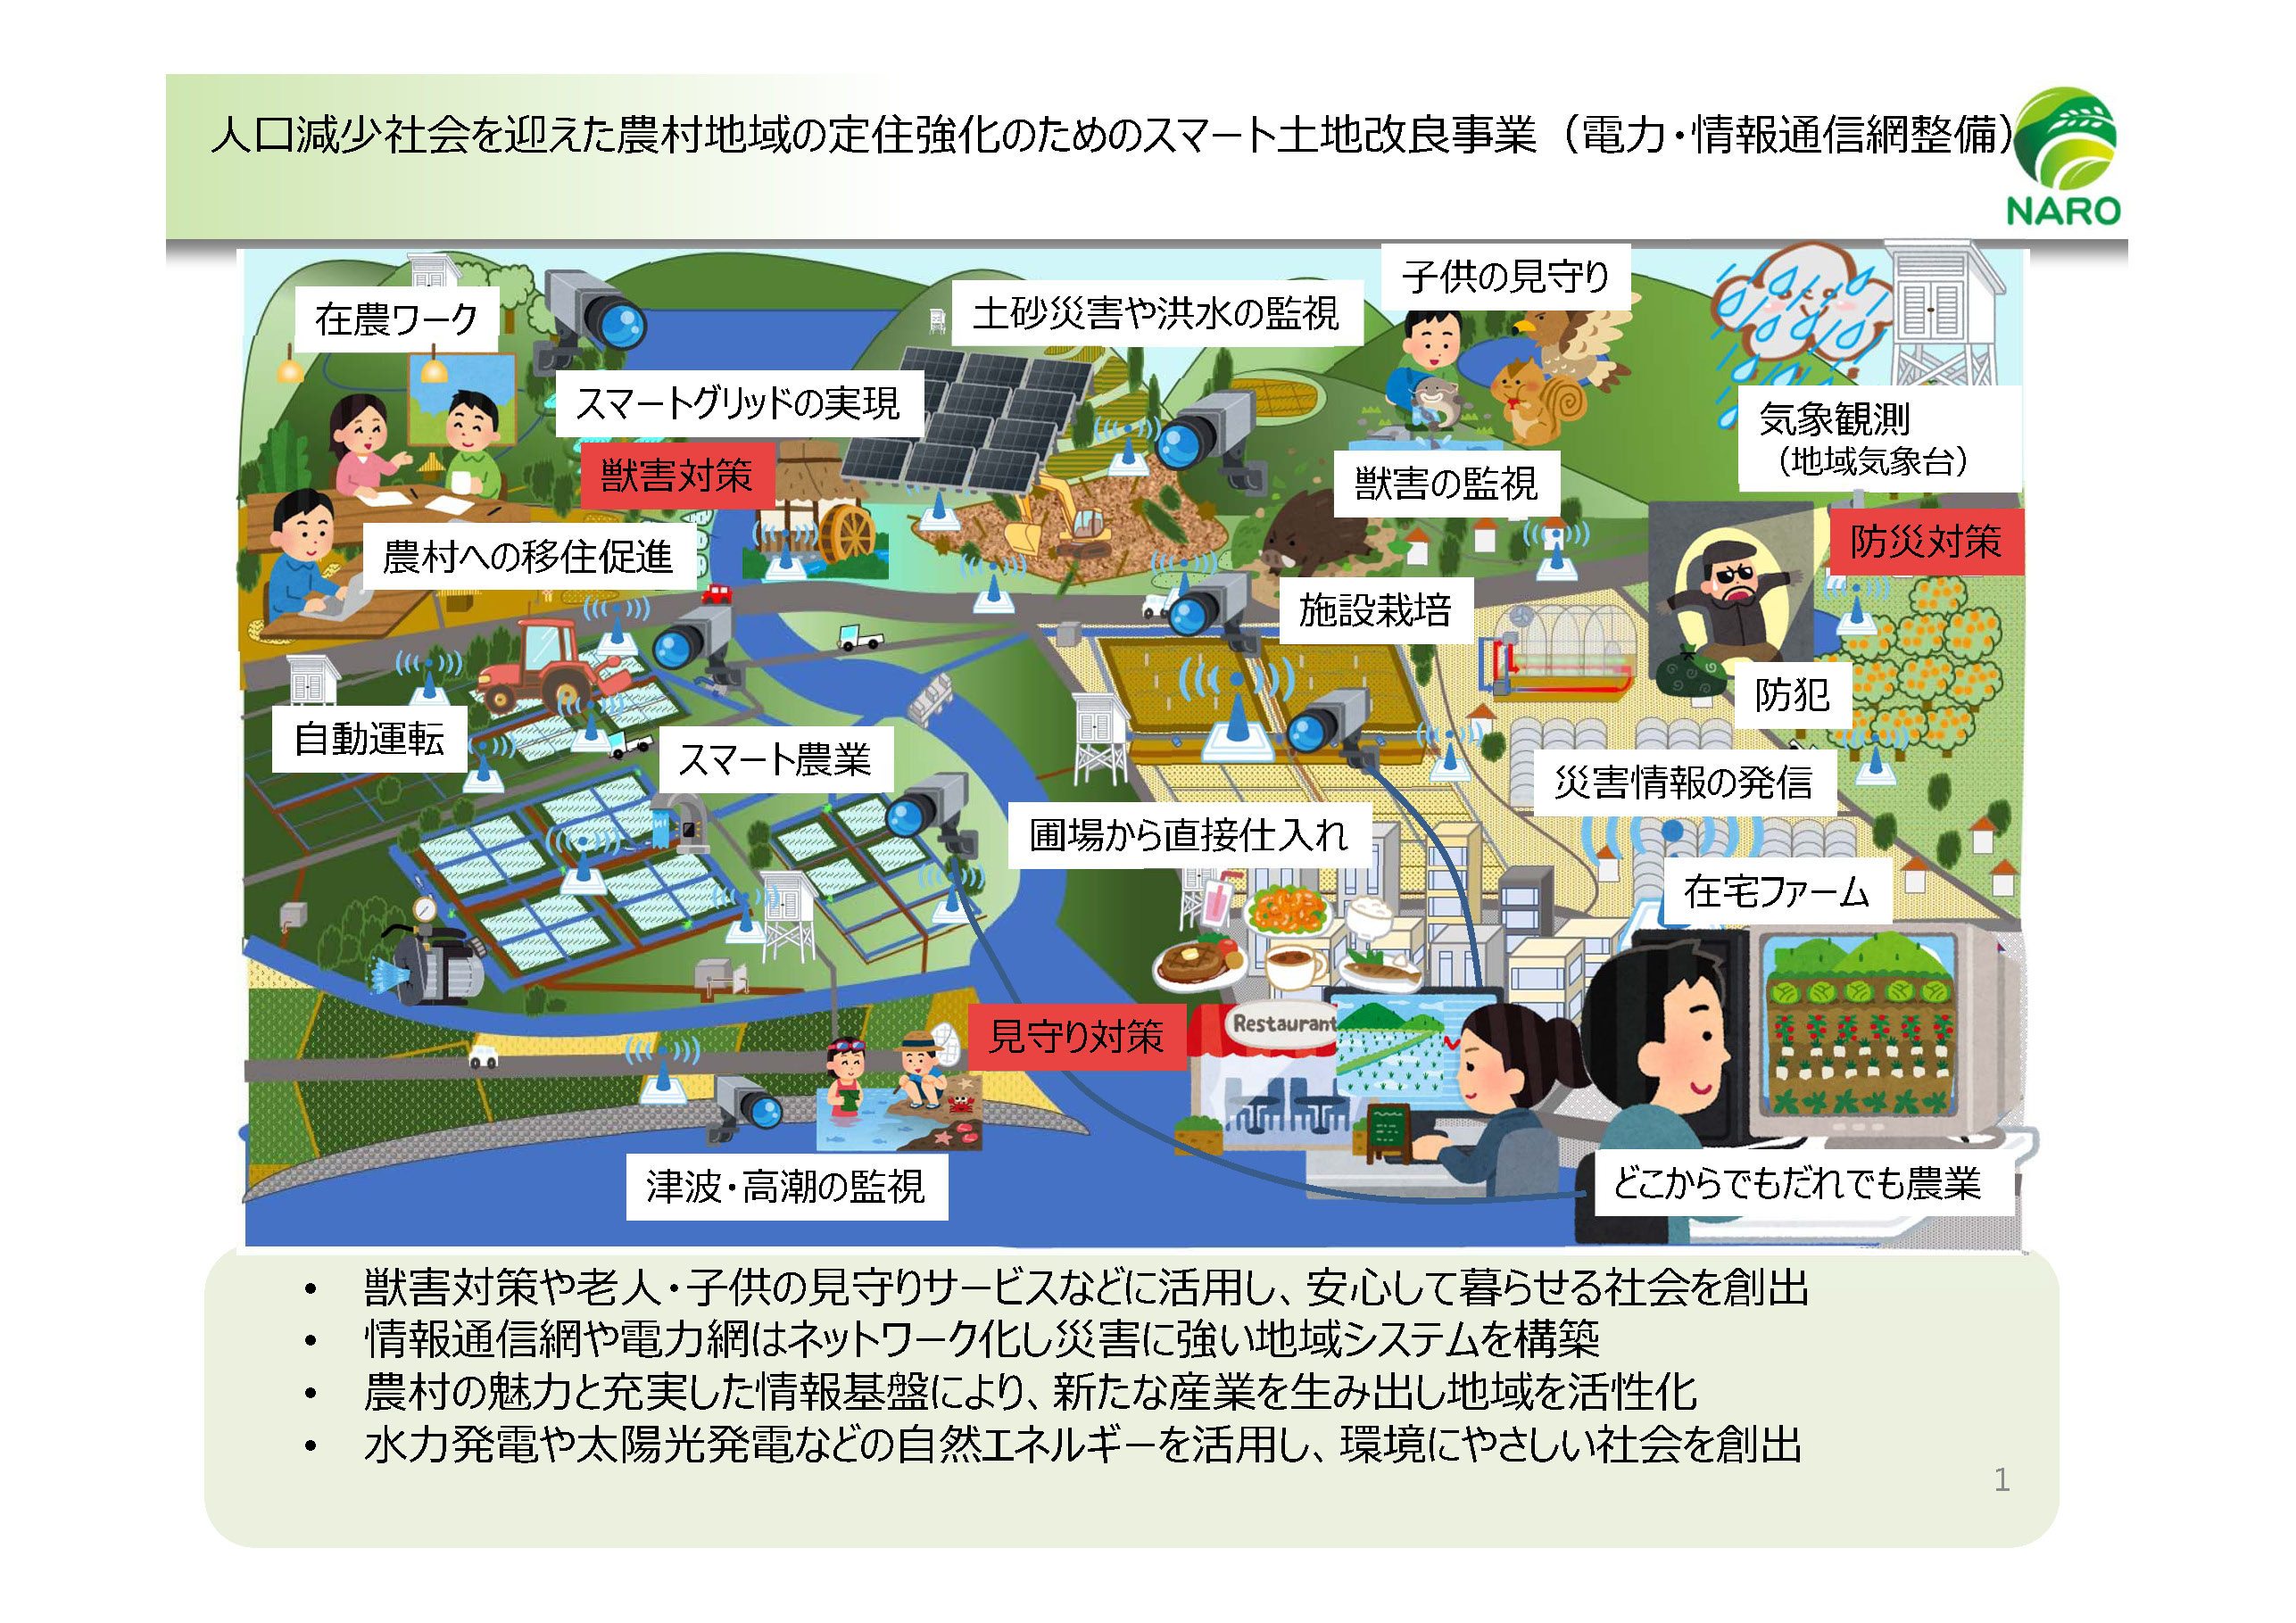 8人口減少社会を迎えた農村地域の定住強化のためのスマート土地改良事業(電力・情報通信網整備)